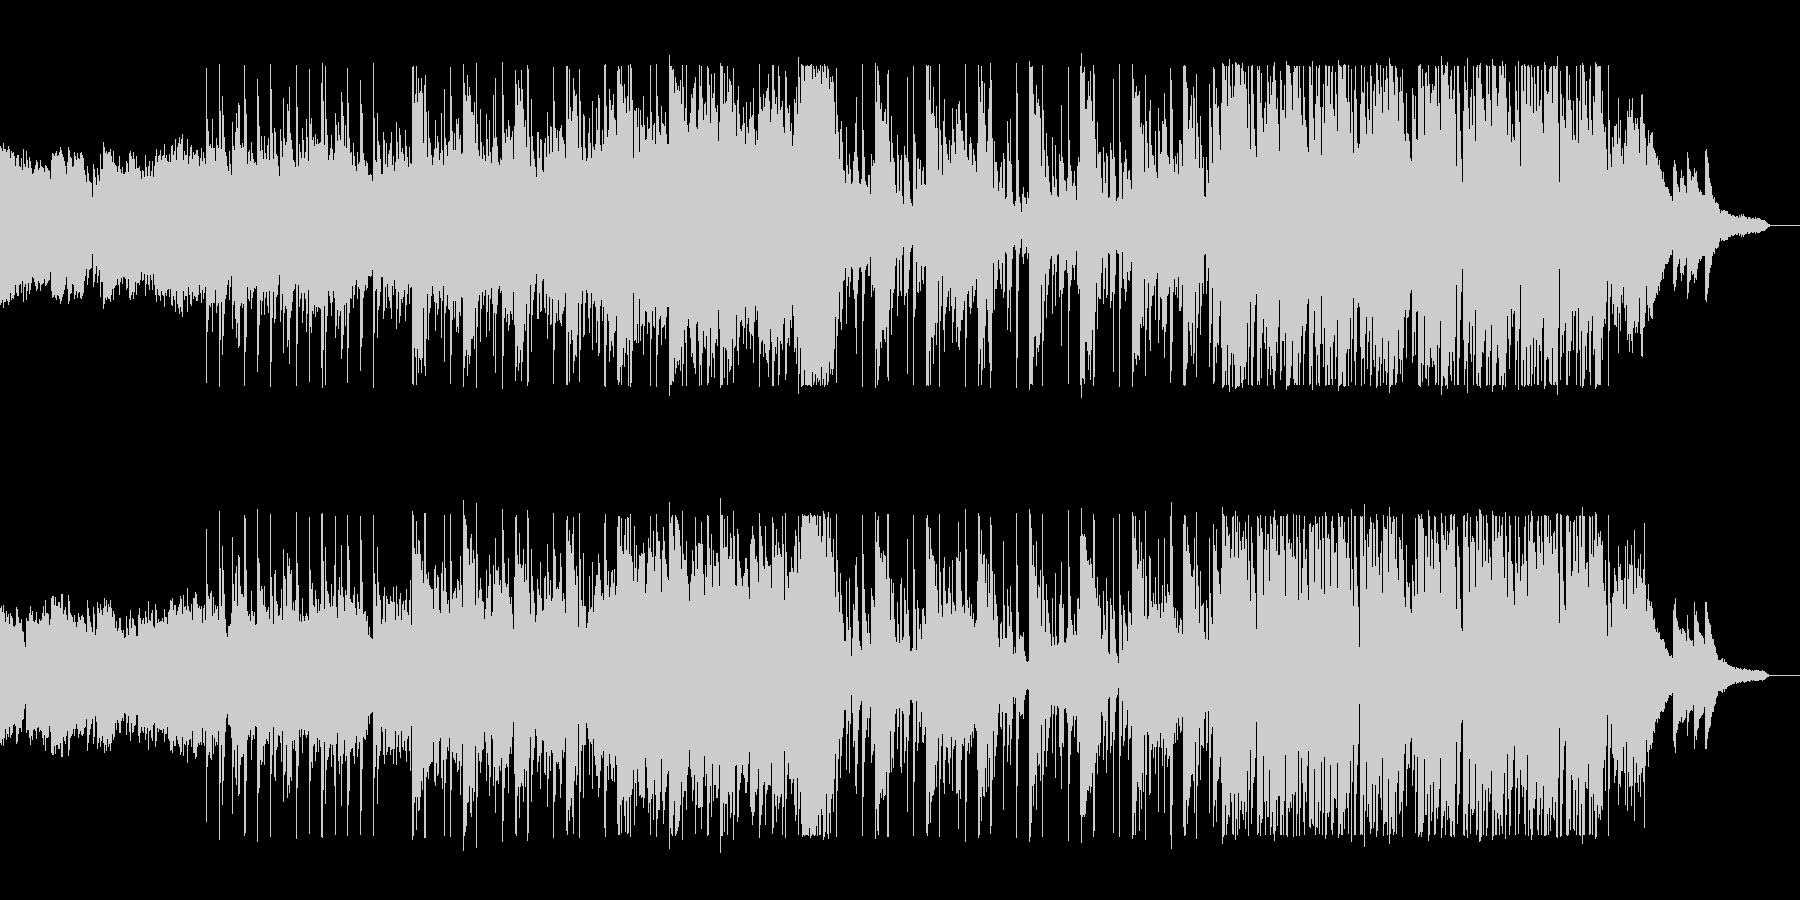 ピアノの音色が綺麗で幻想的な曲の未再生の波形